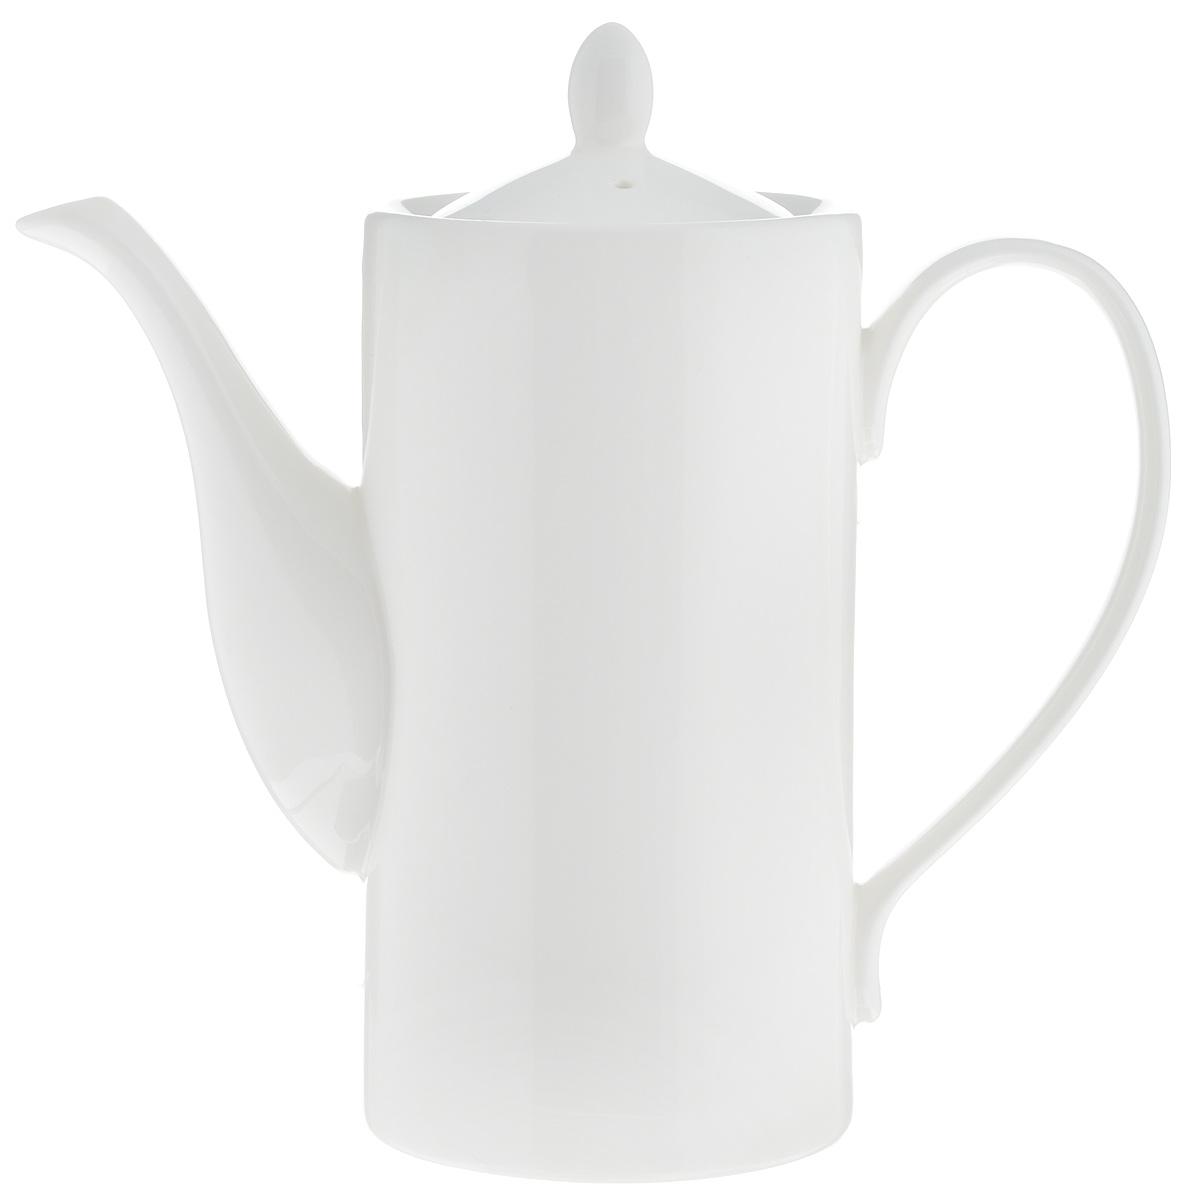 Кофейник Wilmax, 650 мл54 009312Кофейник Wilmax изготовлен из высококачественного фарфора, покрытого двойным слоем глазировки. Отличается особой износостойкостью и устойчивостью к ударам и сколам. А белый с оттенком слоновой кости цвет будет эффектно смотреться на вашем столе.Диаметр кофейника (по верхнему краю): 8 см. Высота чайника (без учета крышки): 15,5 см. Высота чайника (с учетом крышки): 18,5 см.